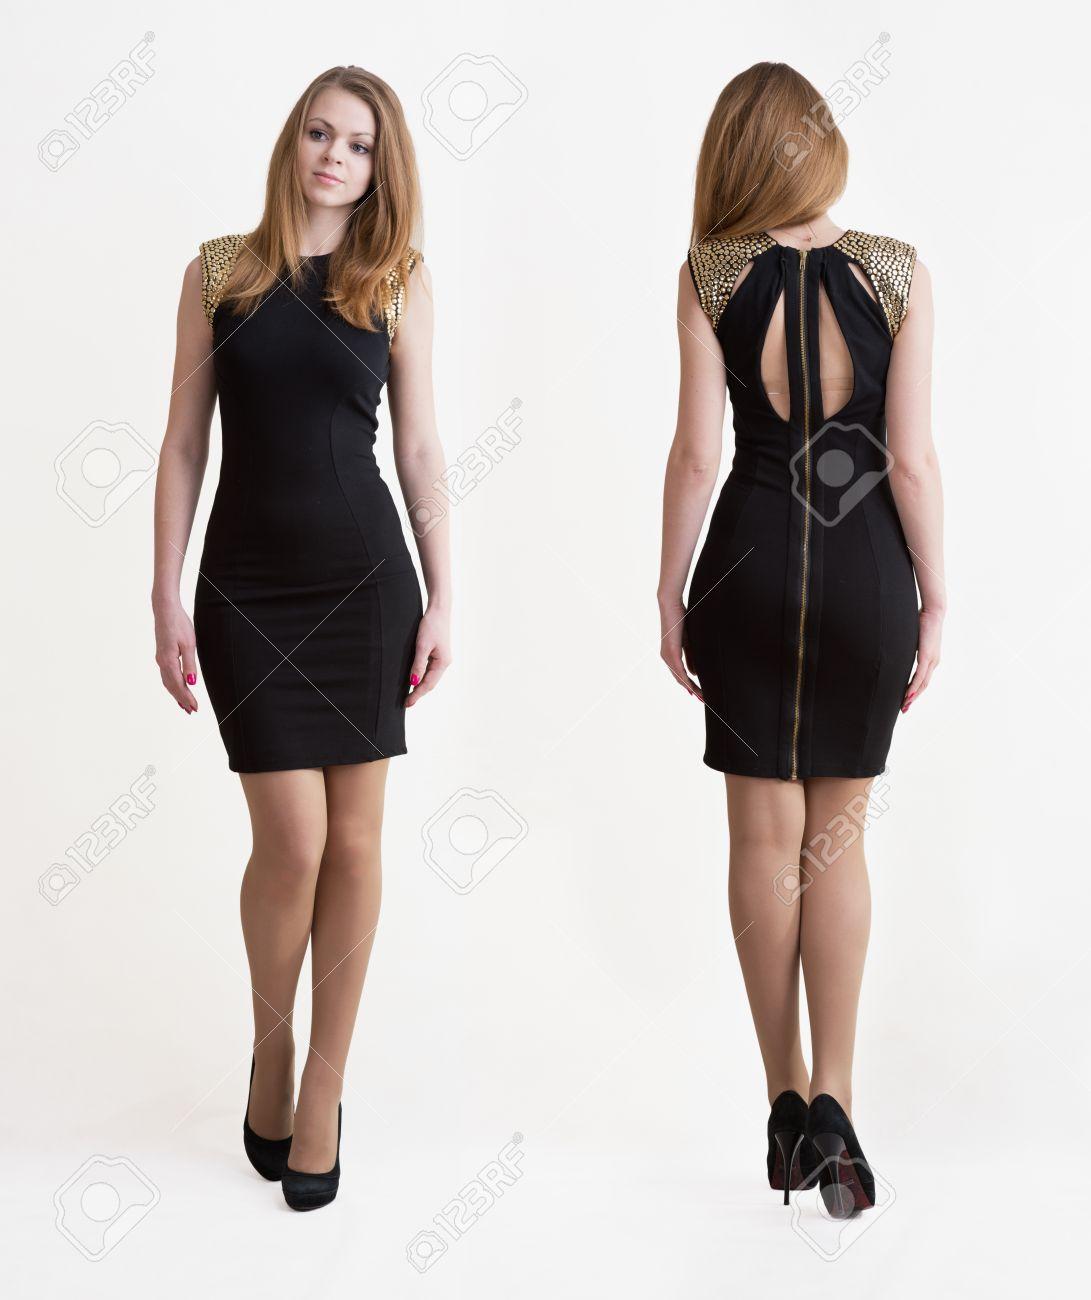 ff25f180f Chica rubia joven en vestido corto negro con la máxima de tacón alto Foto  de archivo